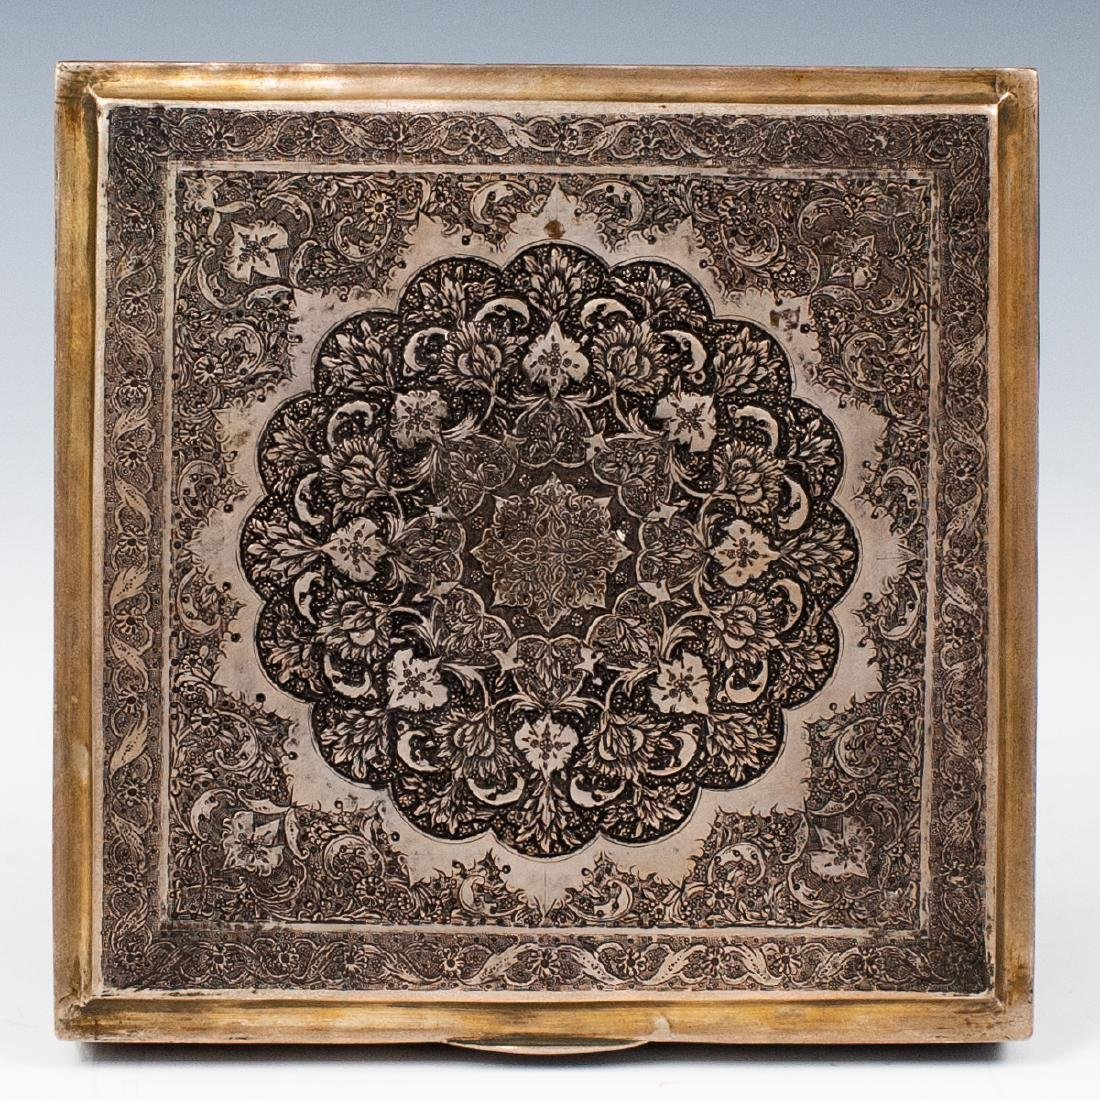 Persian Silver Hinged Box